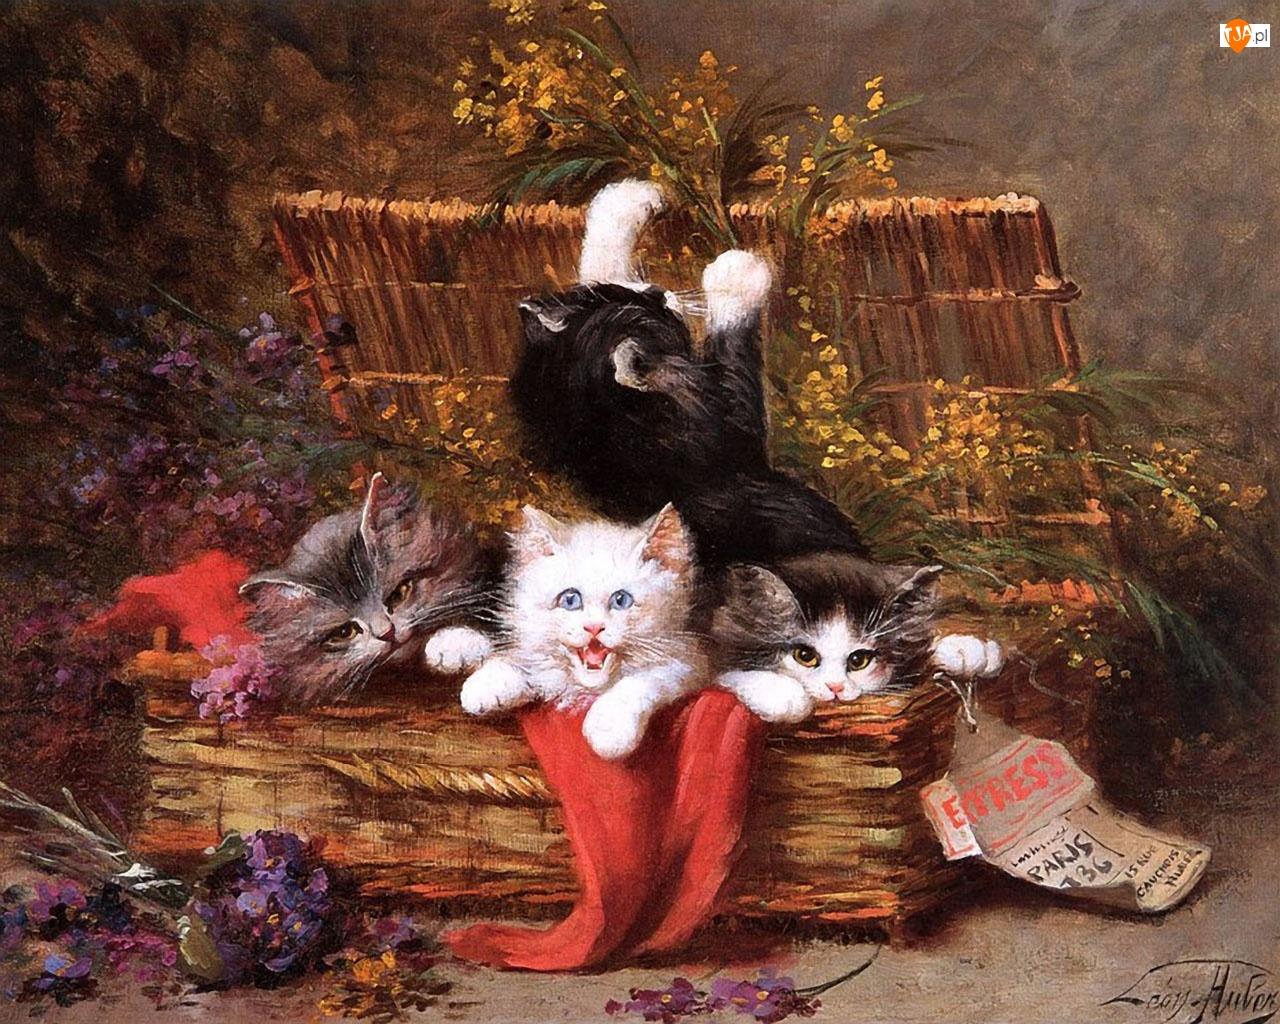 Kwiaty, Kotki, Koszyki